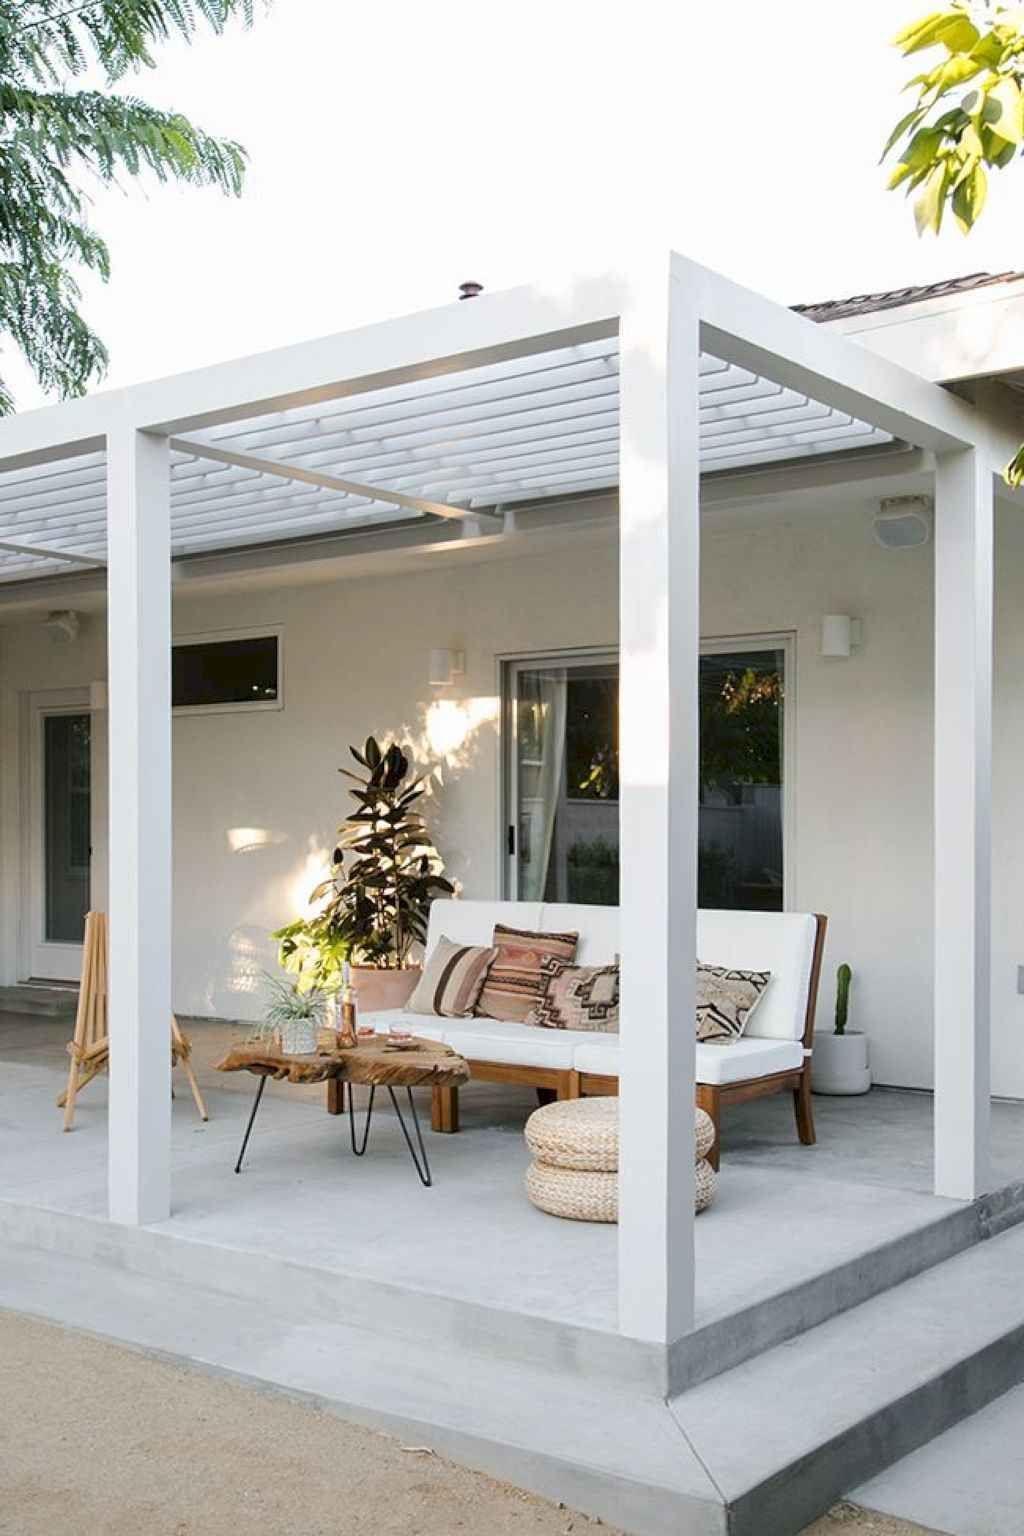 Tonnelle : Abri Pour Terrasse Ombragée | Fauteuil Jardin ... à Abri Pour Terrasse